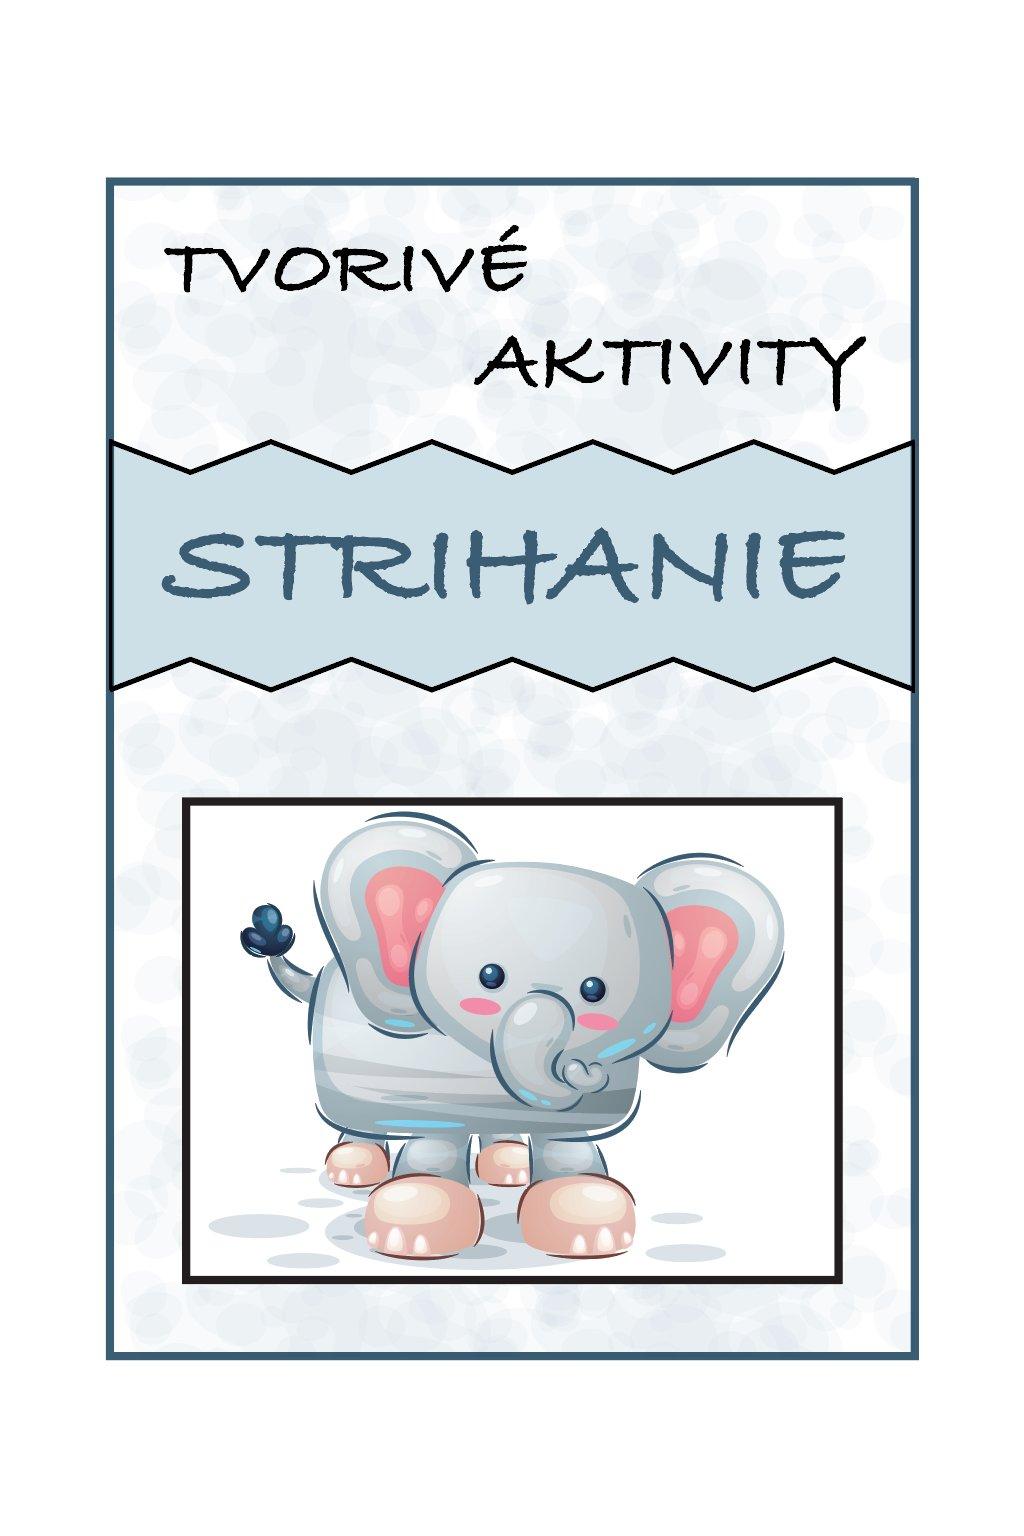 STRIHANIE